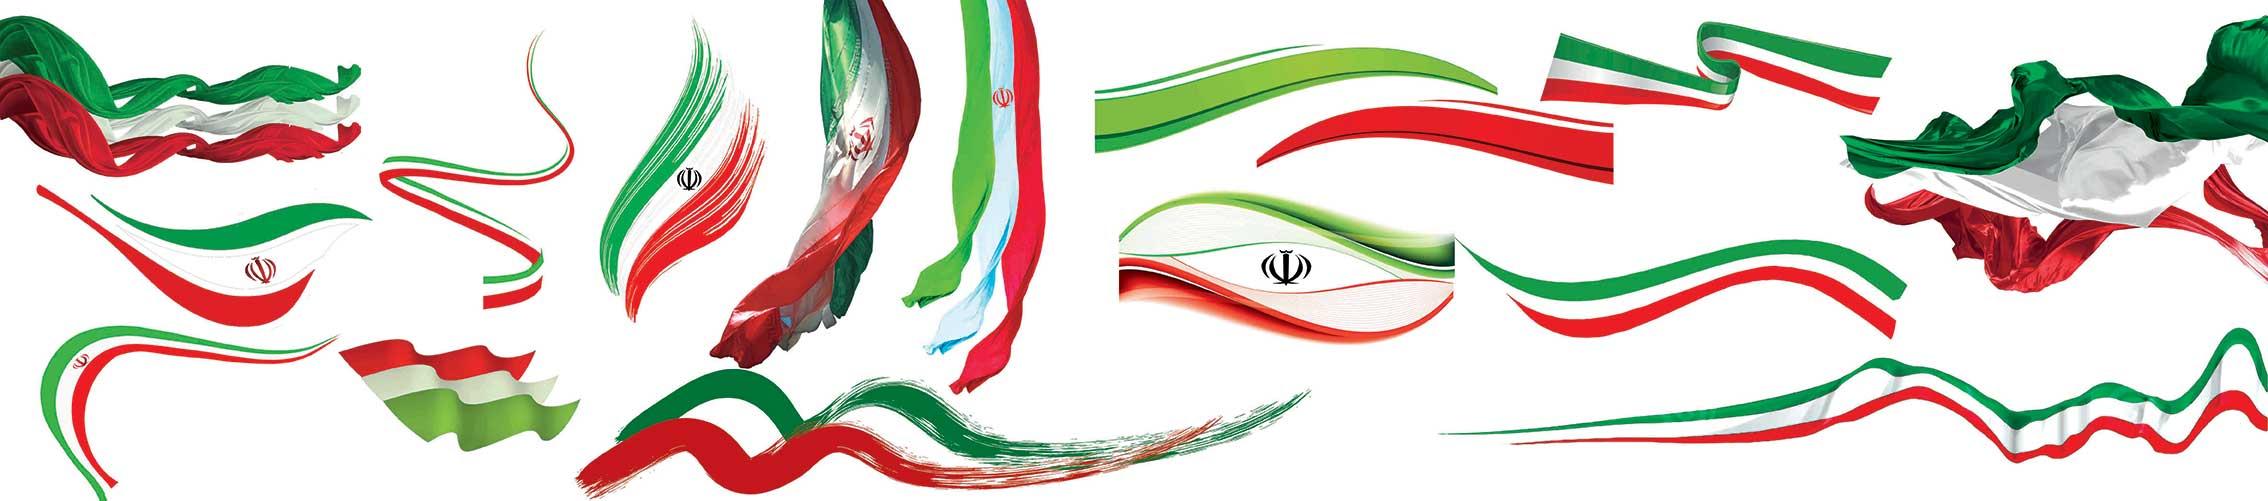 عکس پرچم ایران برای طراحی